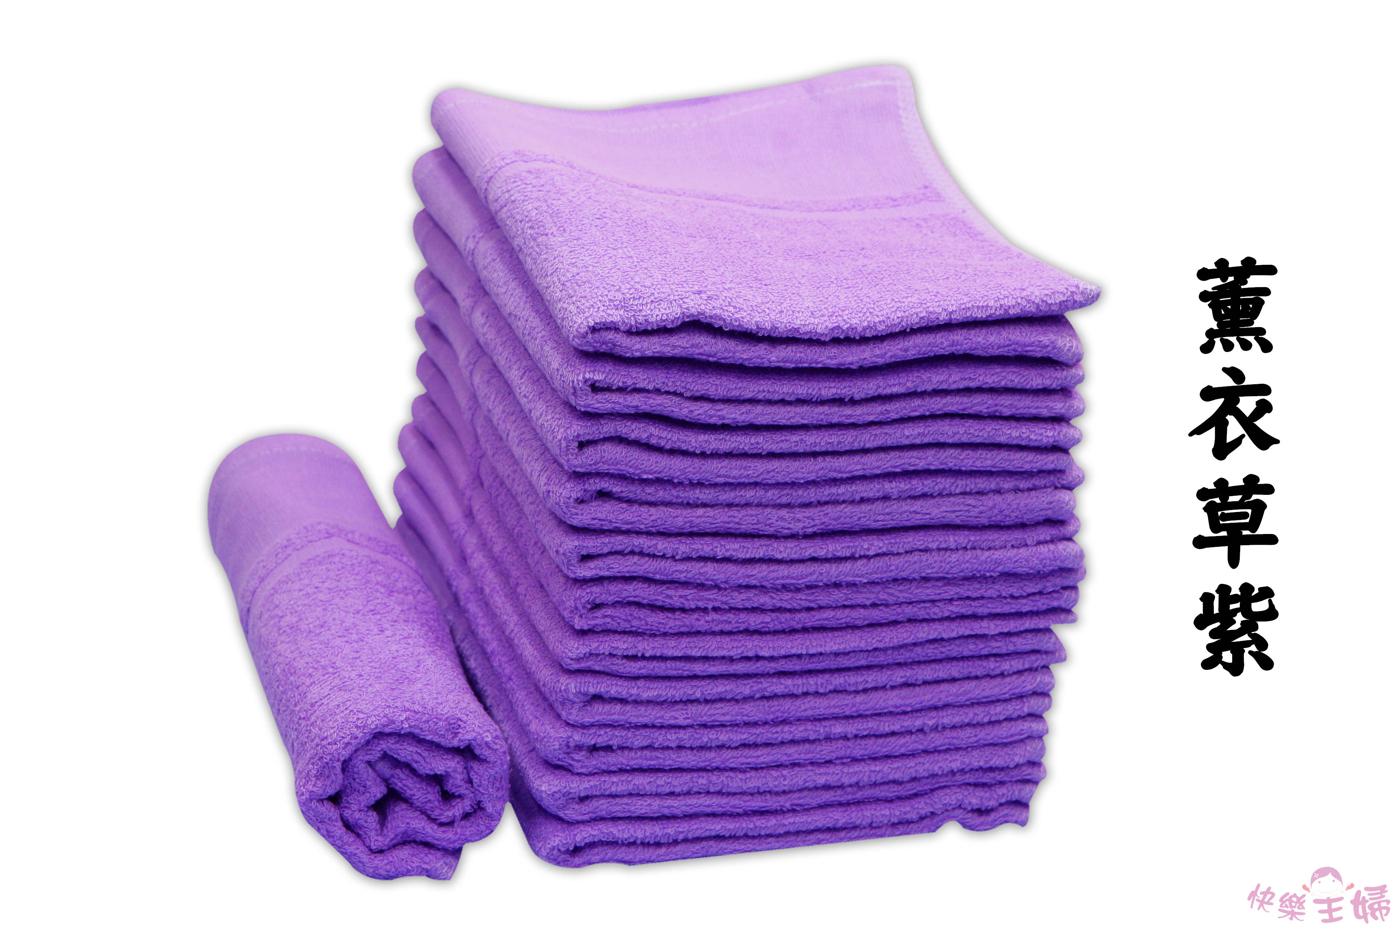 素色毛巾 24兩商用 / 薰衣草紫 / 美容 美髮 75g 100%純棉 / 台灣專業製造【快樂主婦】